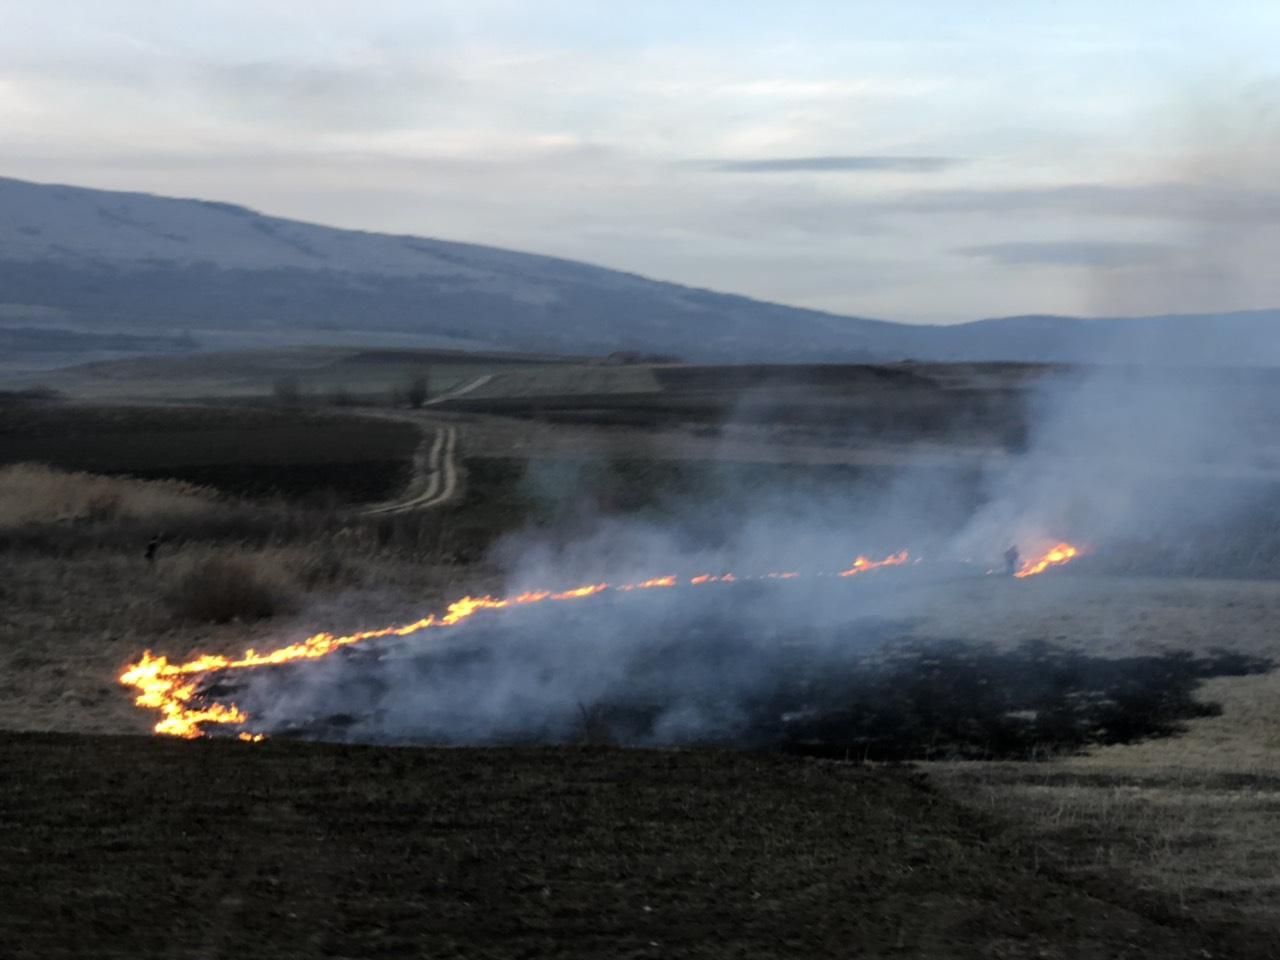 Пожар на отовреном, фото: М.Миладиновић, портал ,,Нишке новине''